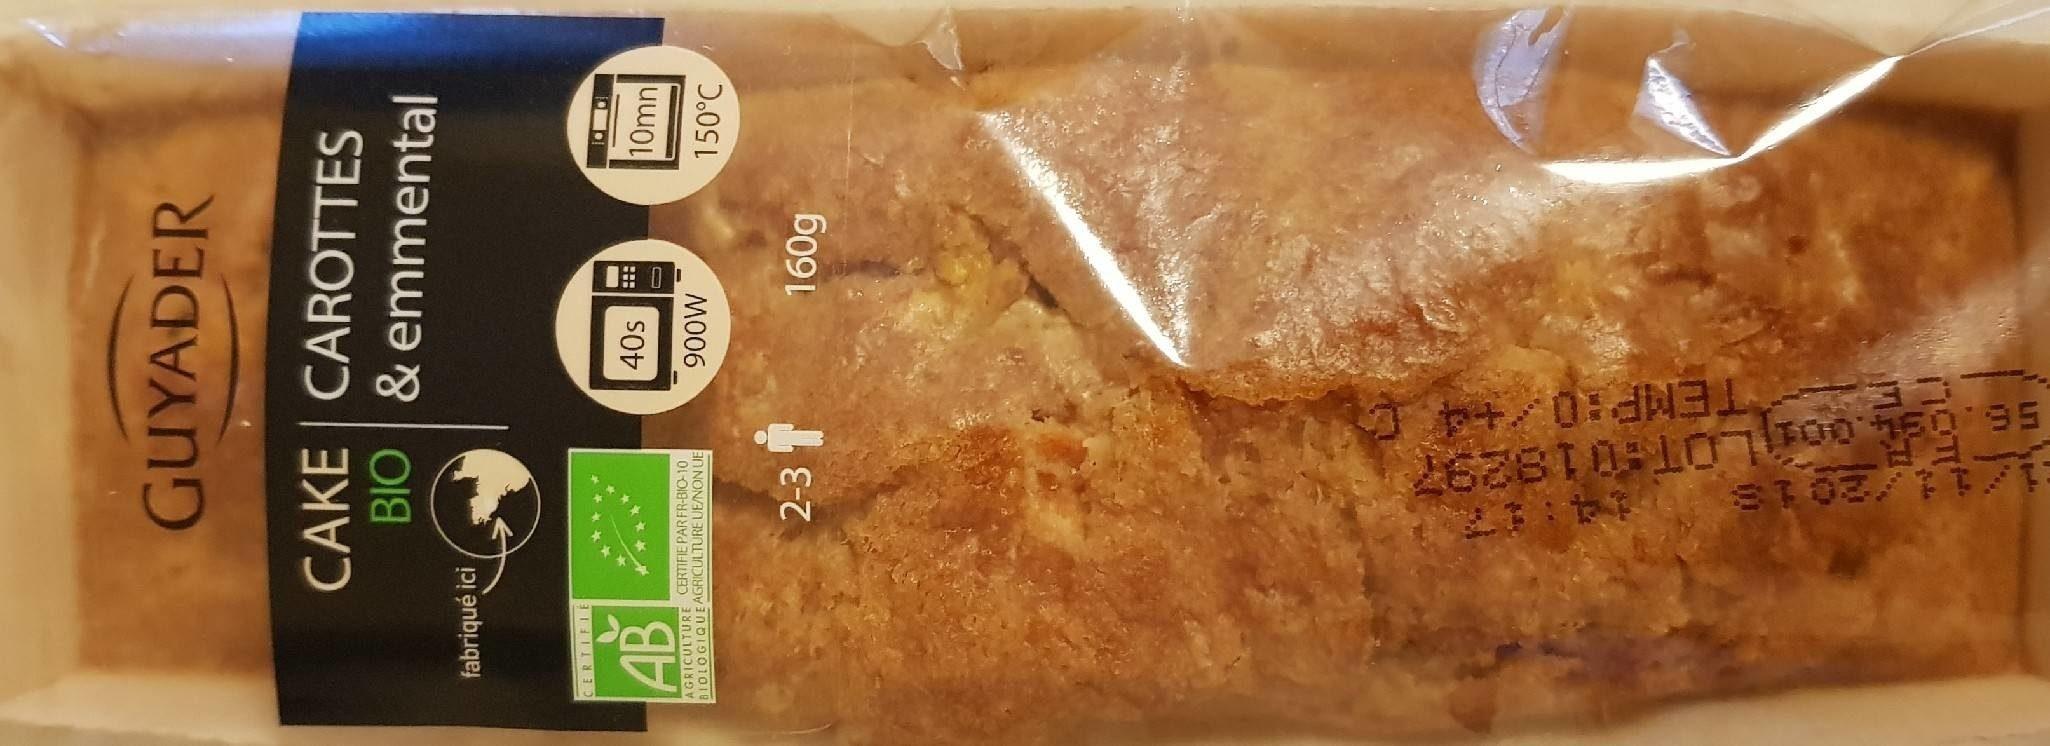 Cake carottes & emmental - Produit - fr